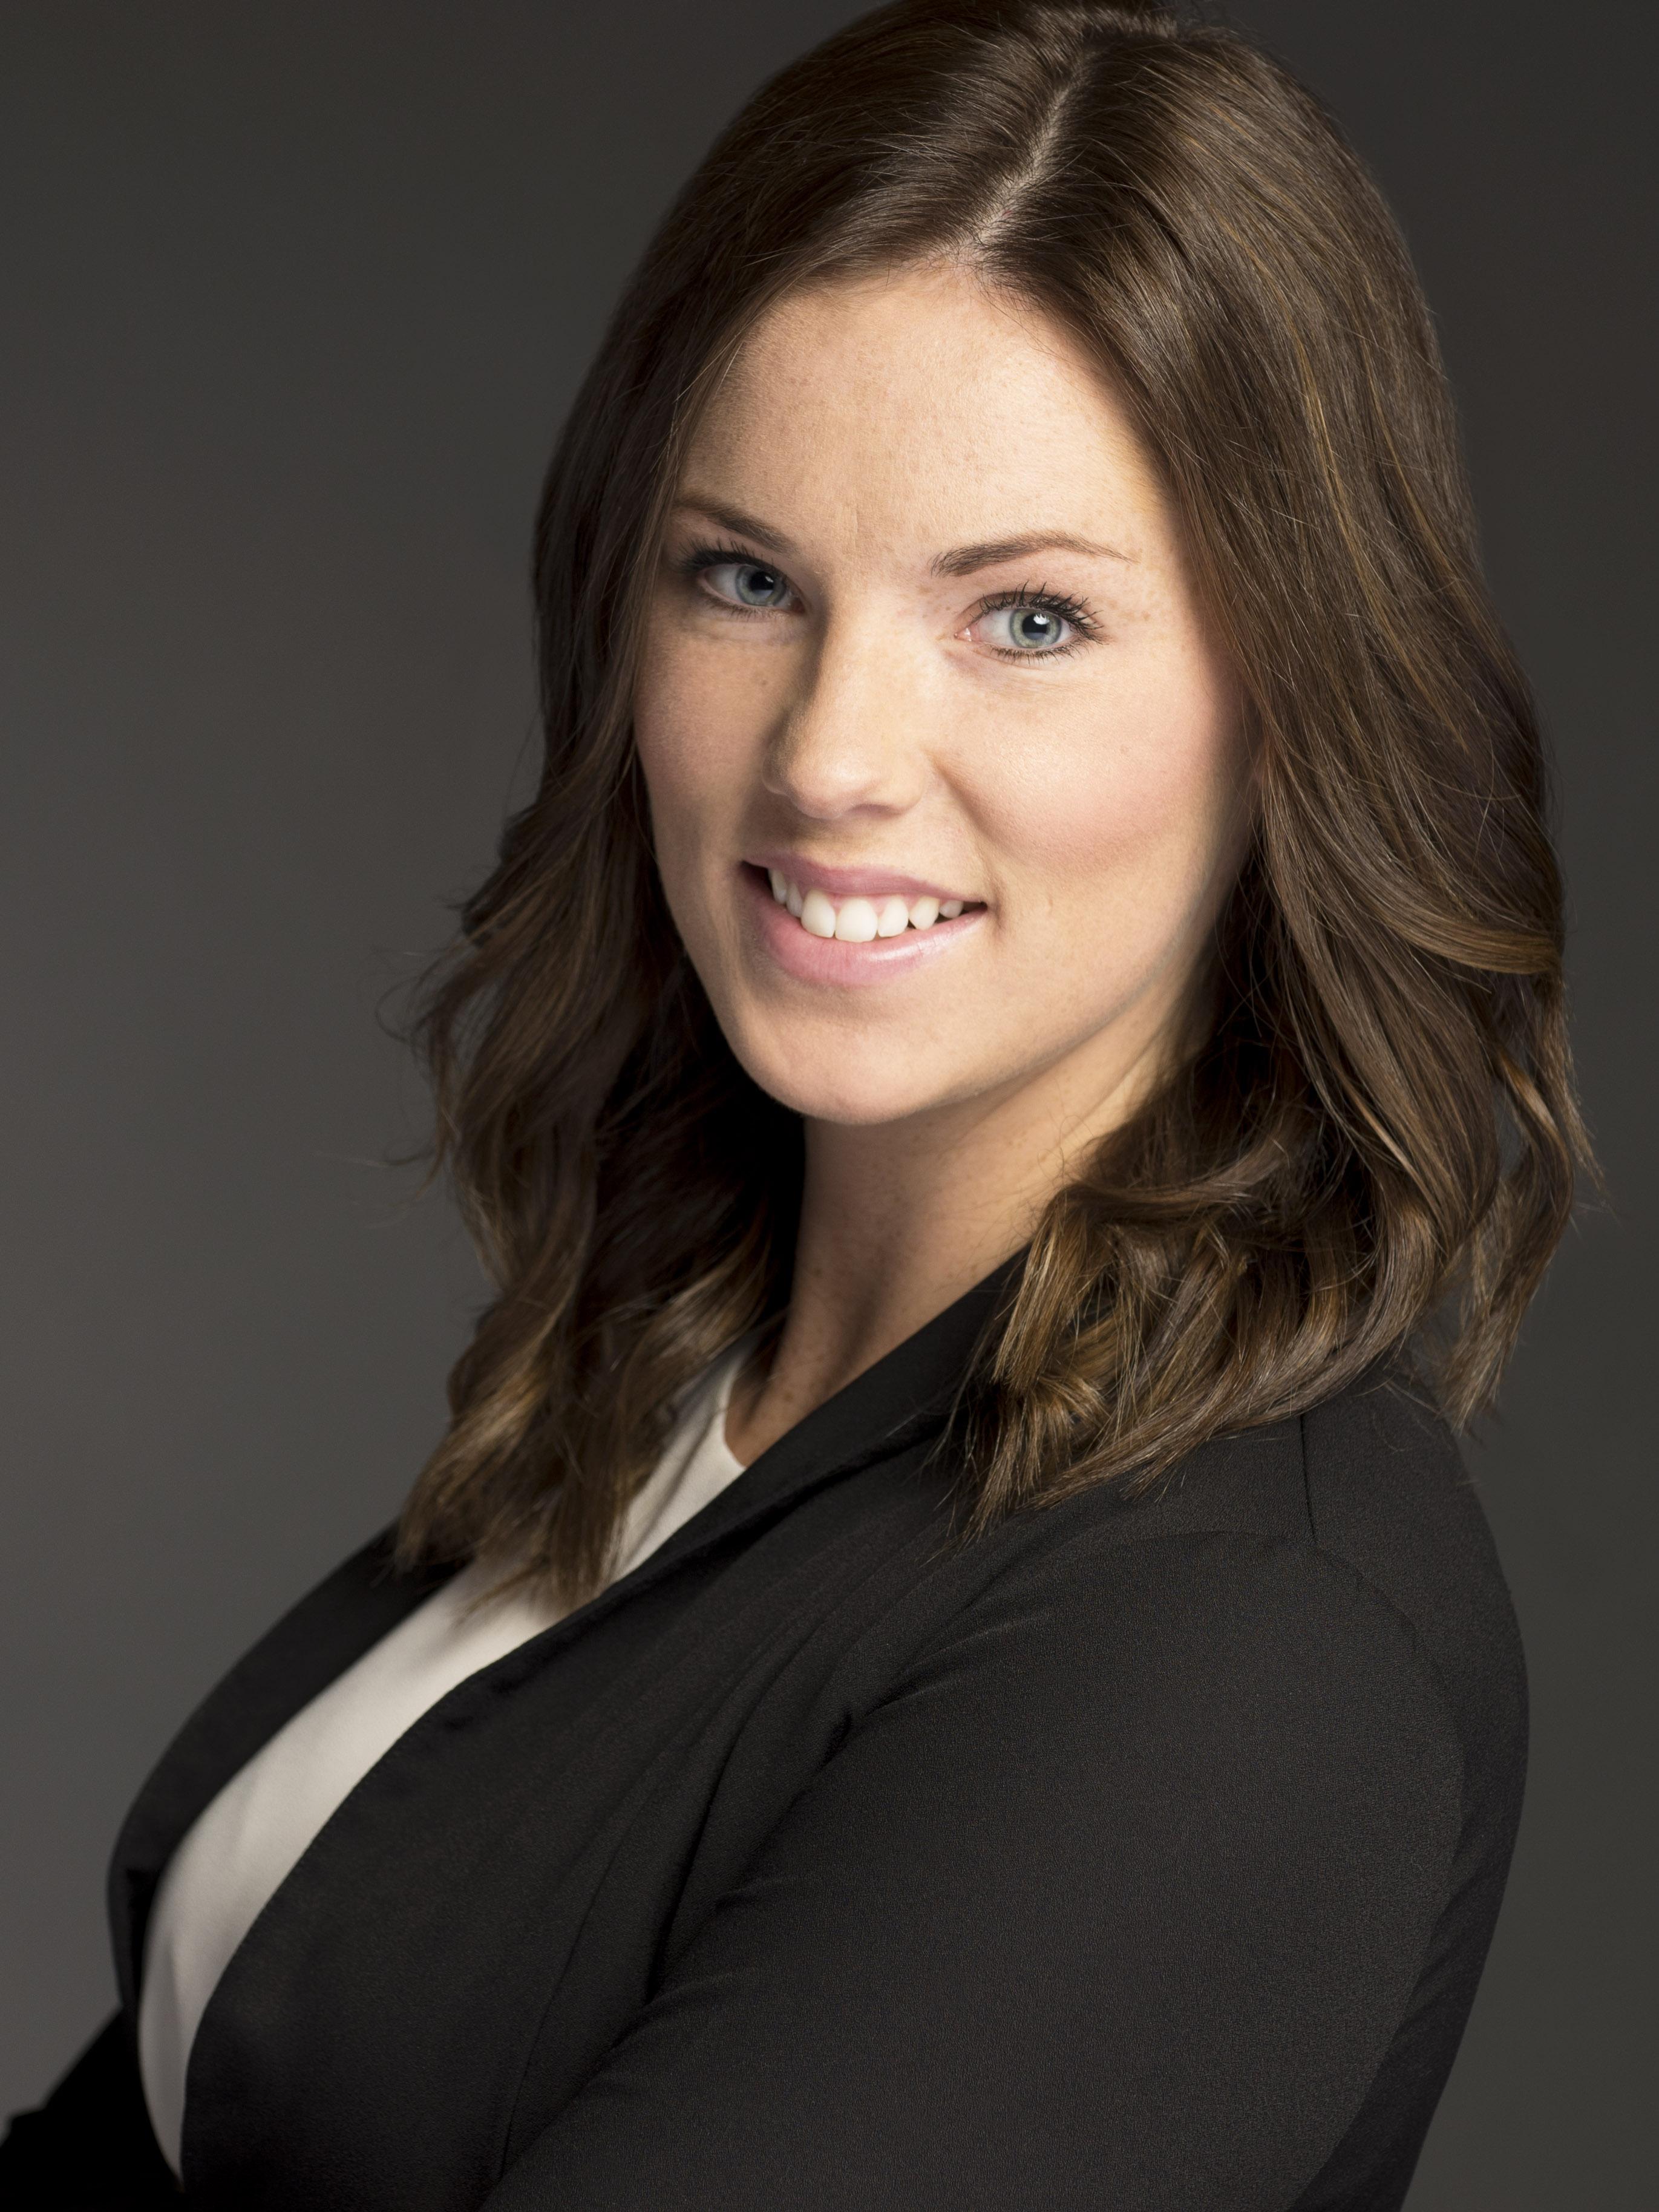 Samantha Garrod